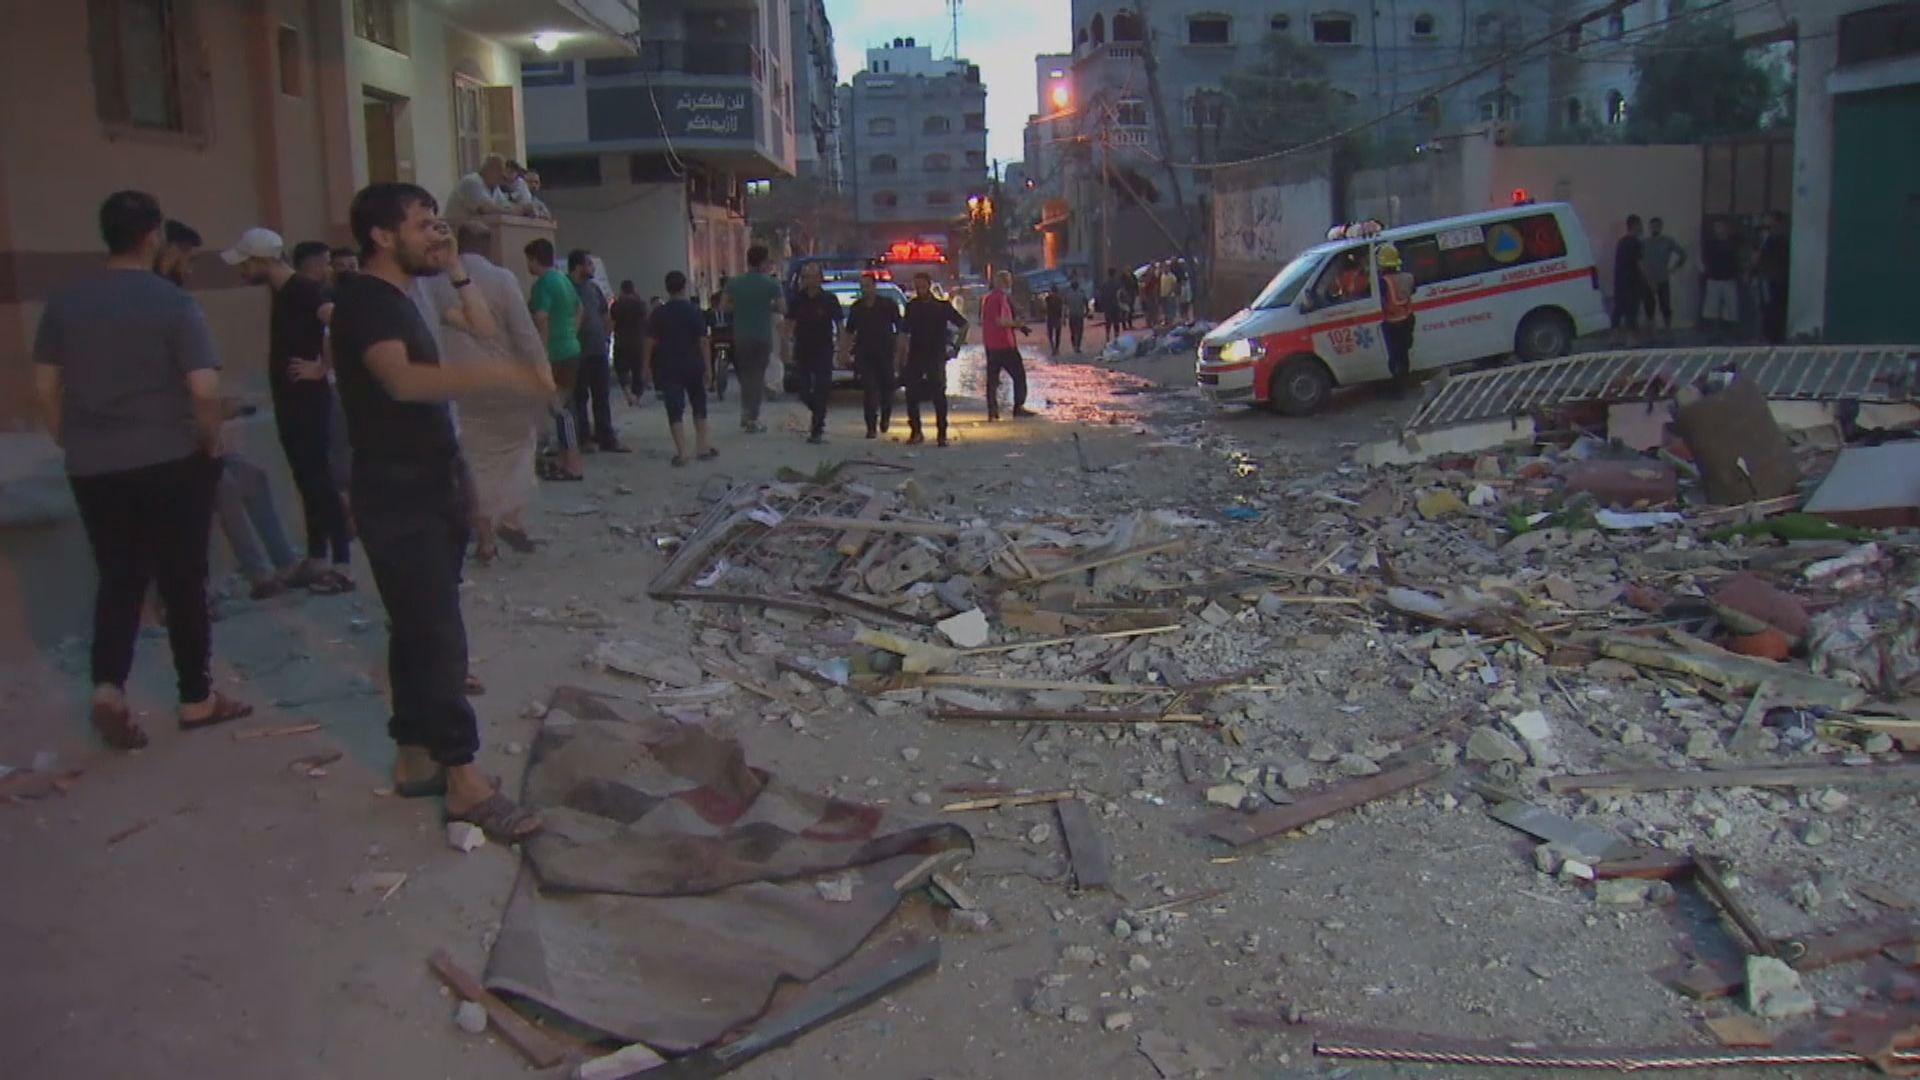 耶路撒冷等地爆衝突 逾700名巴勒斯坦人受傷